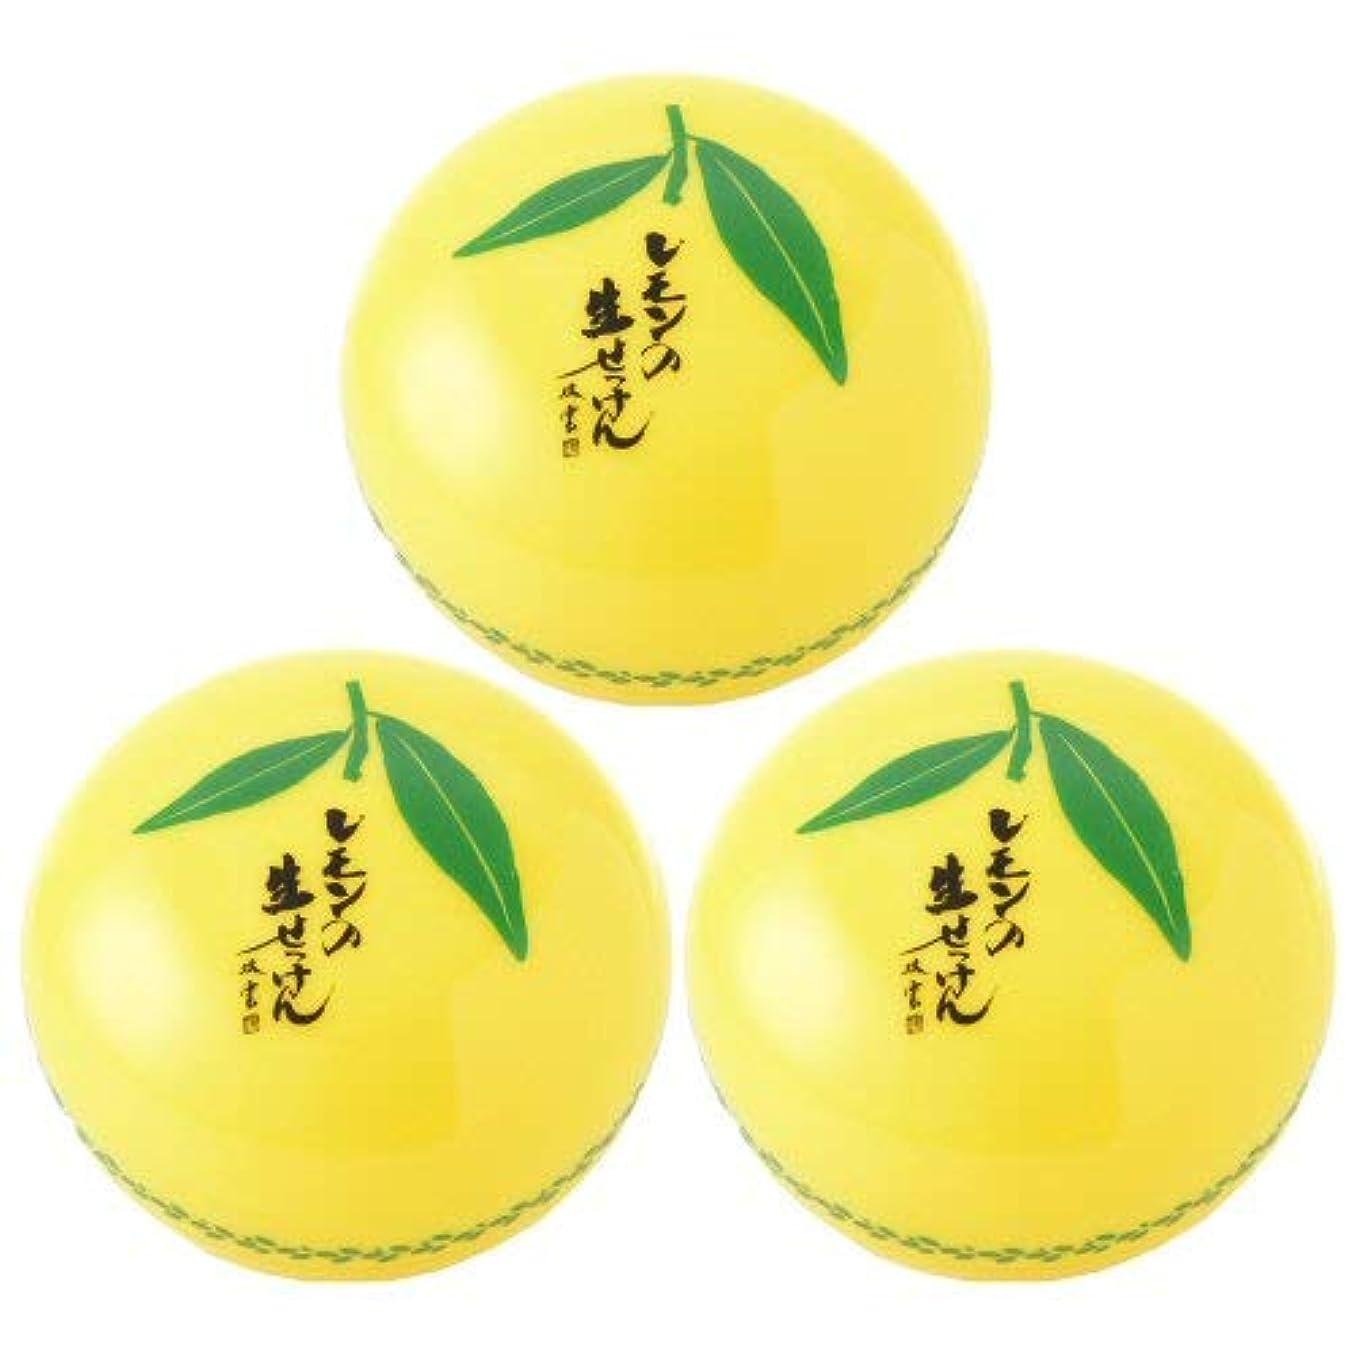 うれしいプレーヤー薬を飲むUYEKI美香柑レモンの生せっけん120g×3個セット